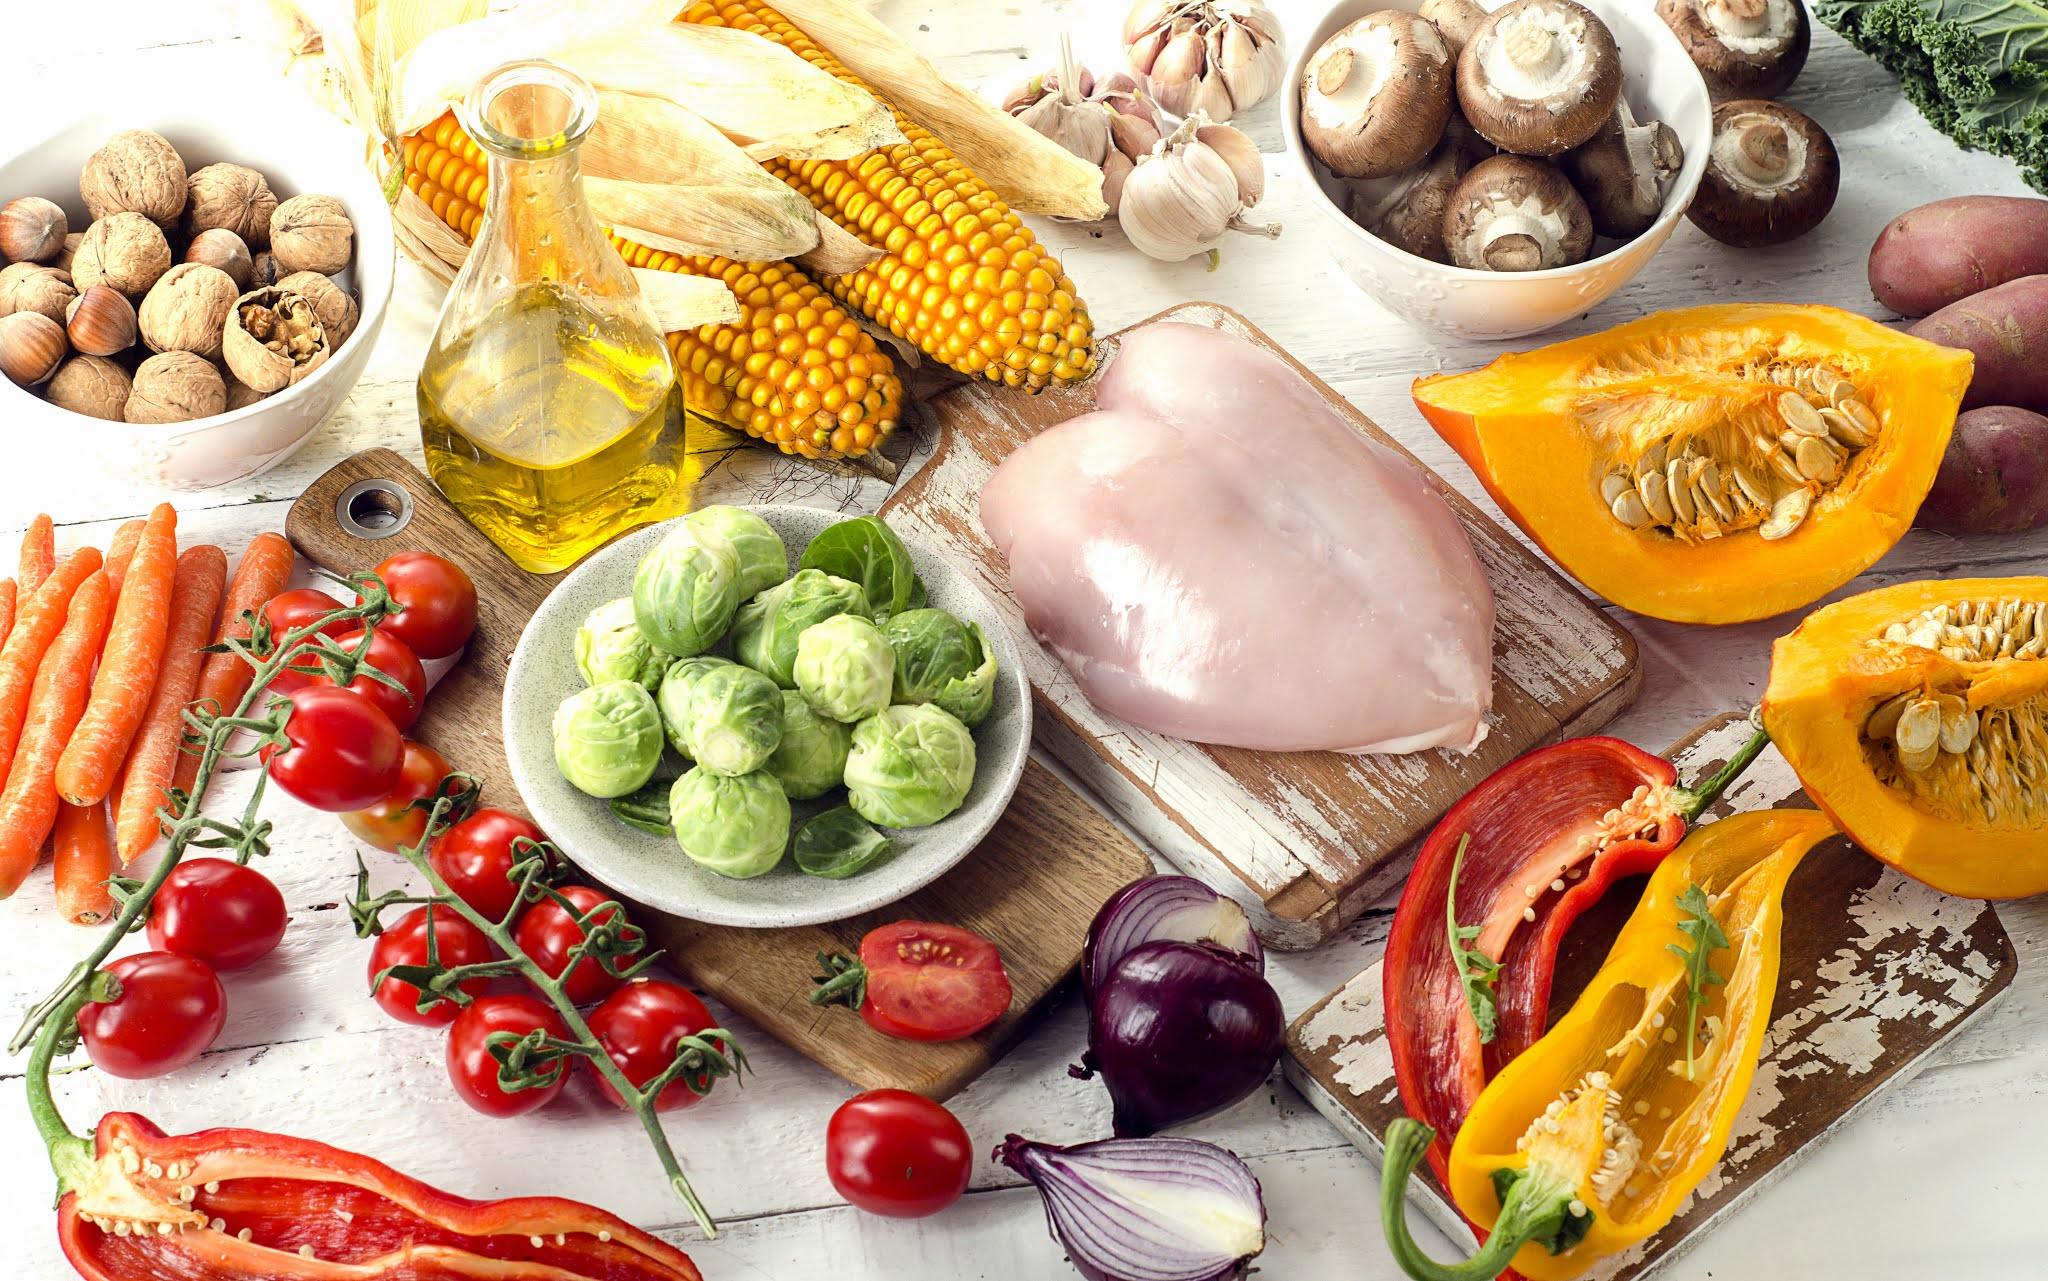 Makanan Apa yang Perlu Diambil dan Dielak Sepanjang Ramadan